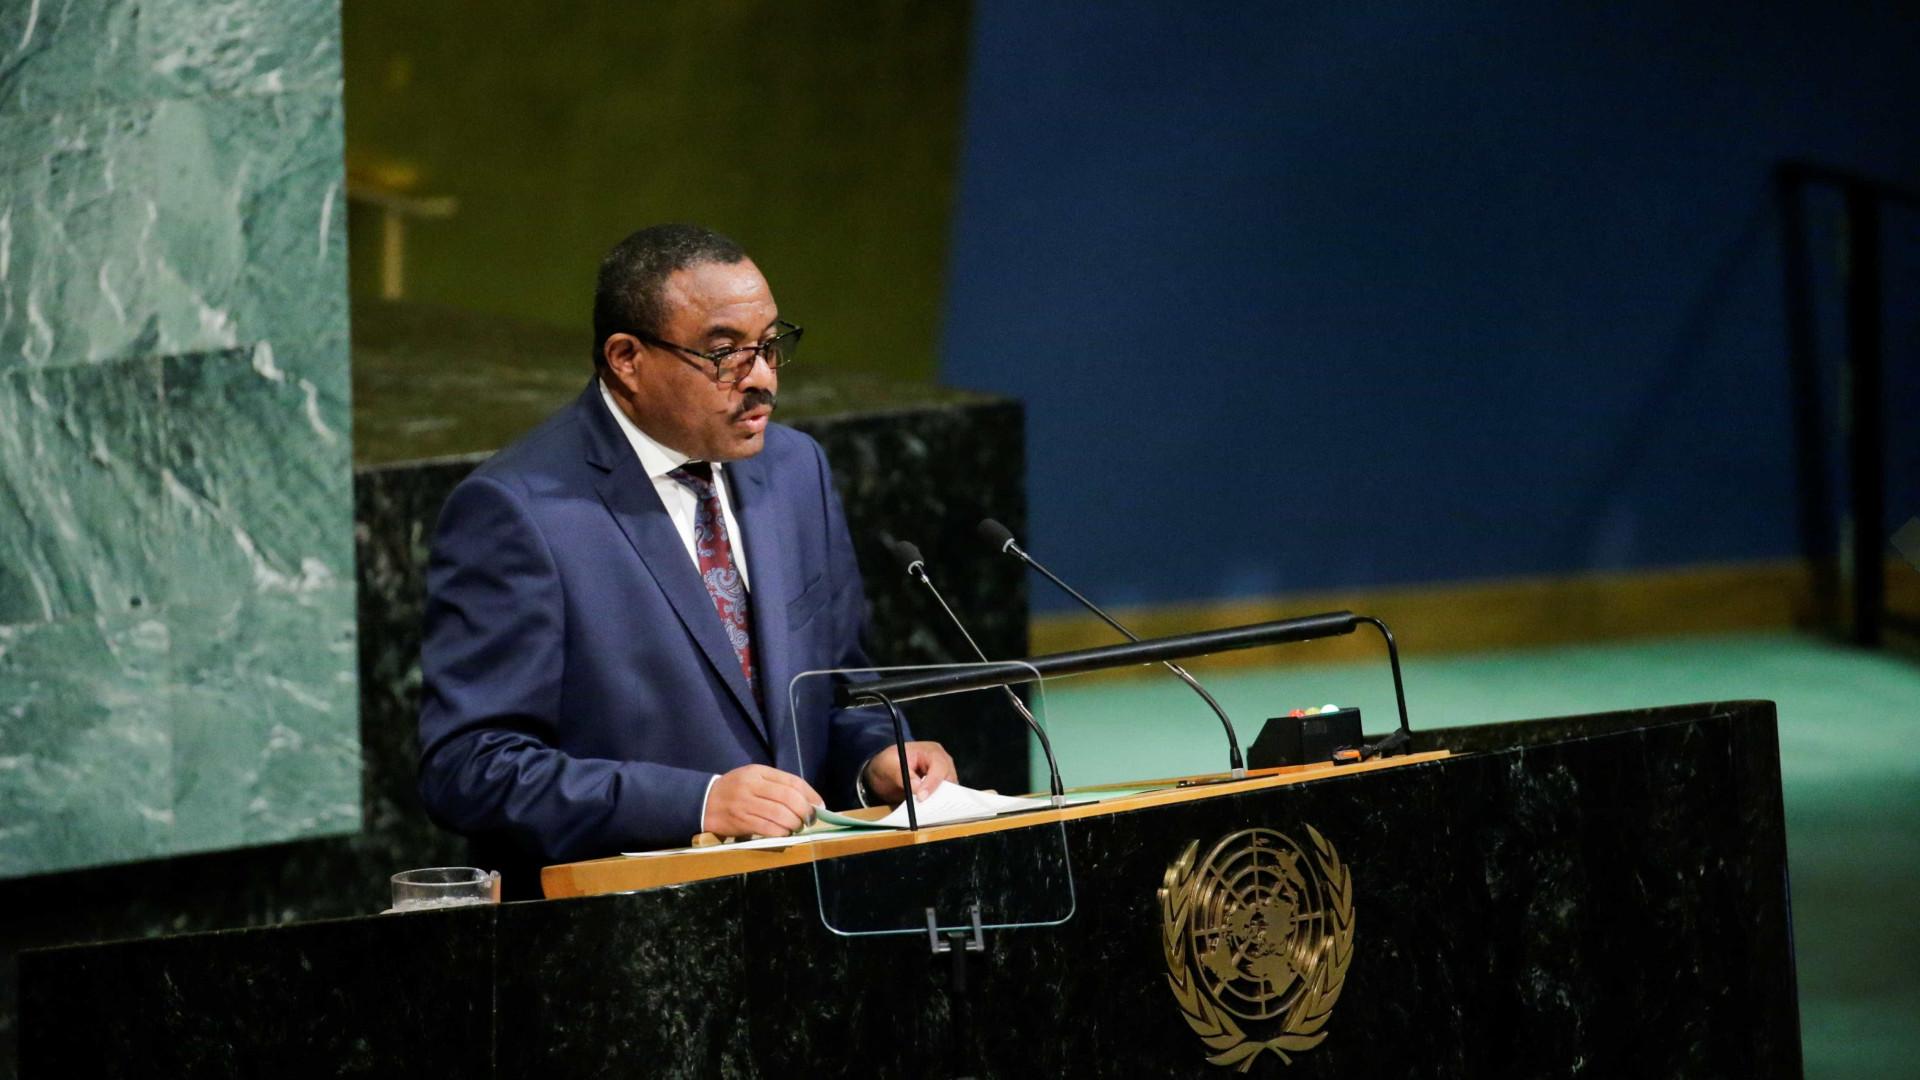 Primeiro-ministro da Etiópia apresenta demissão após violentos protestos